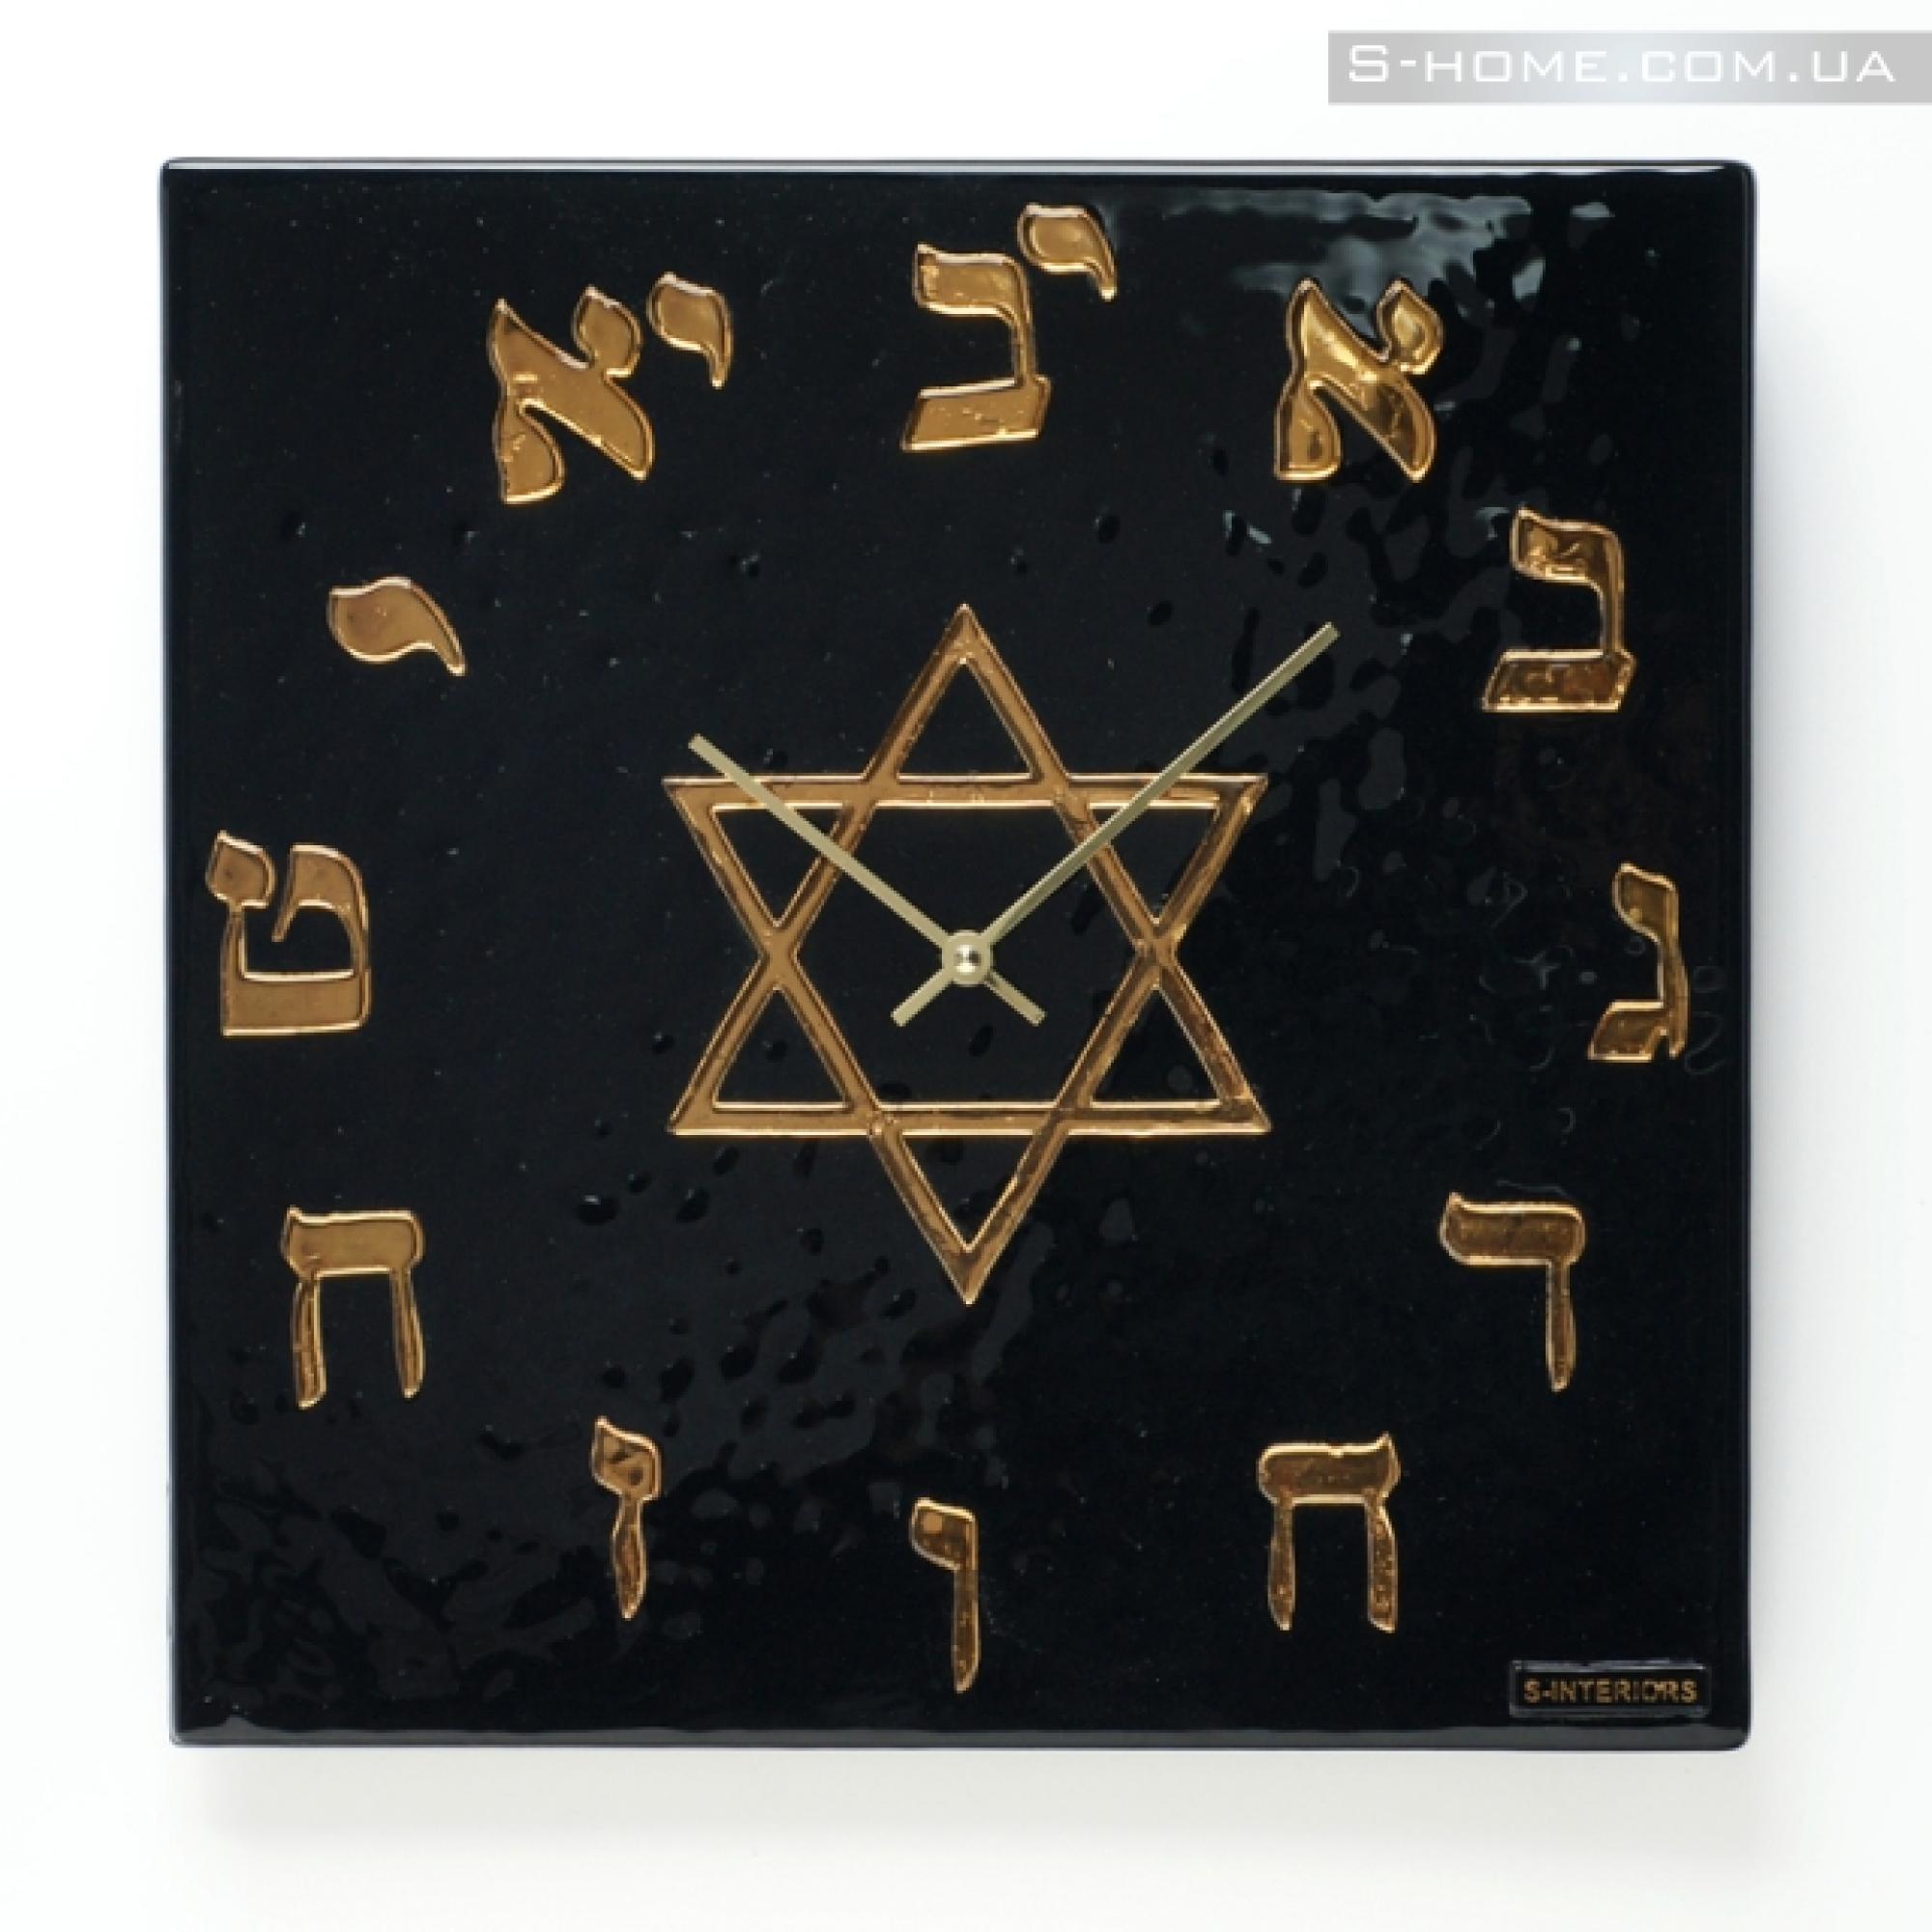 Іудейській настінний годинник S-Interiors Giudaismo